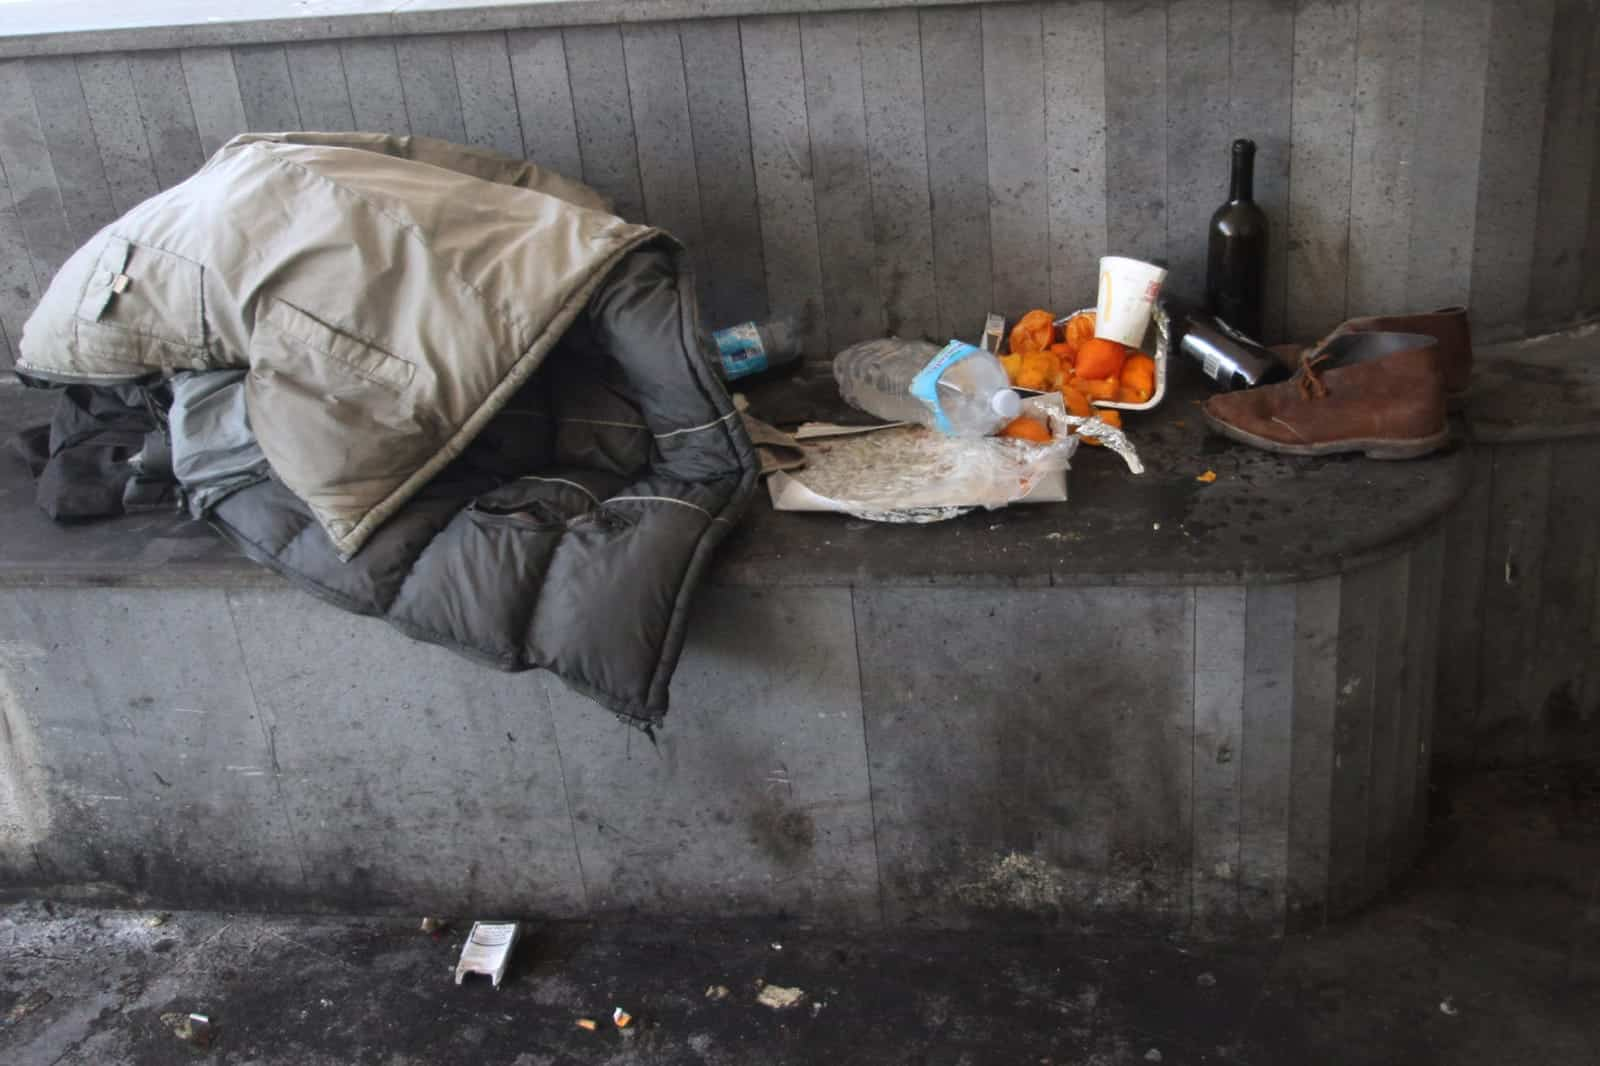 """Emergenza senzatetto a Catania. Saverino: """"Servono iniziative mirate per aiutare i meno fortunati di noi"""""""